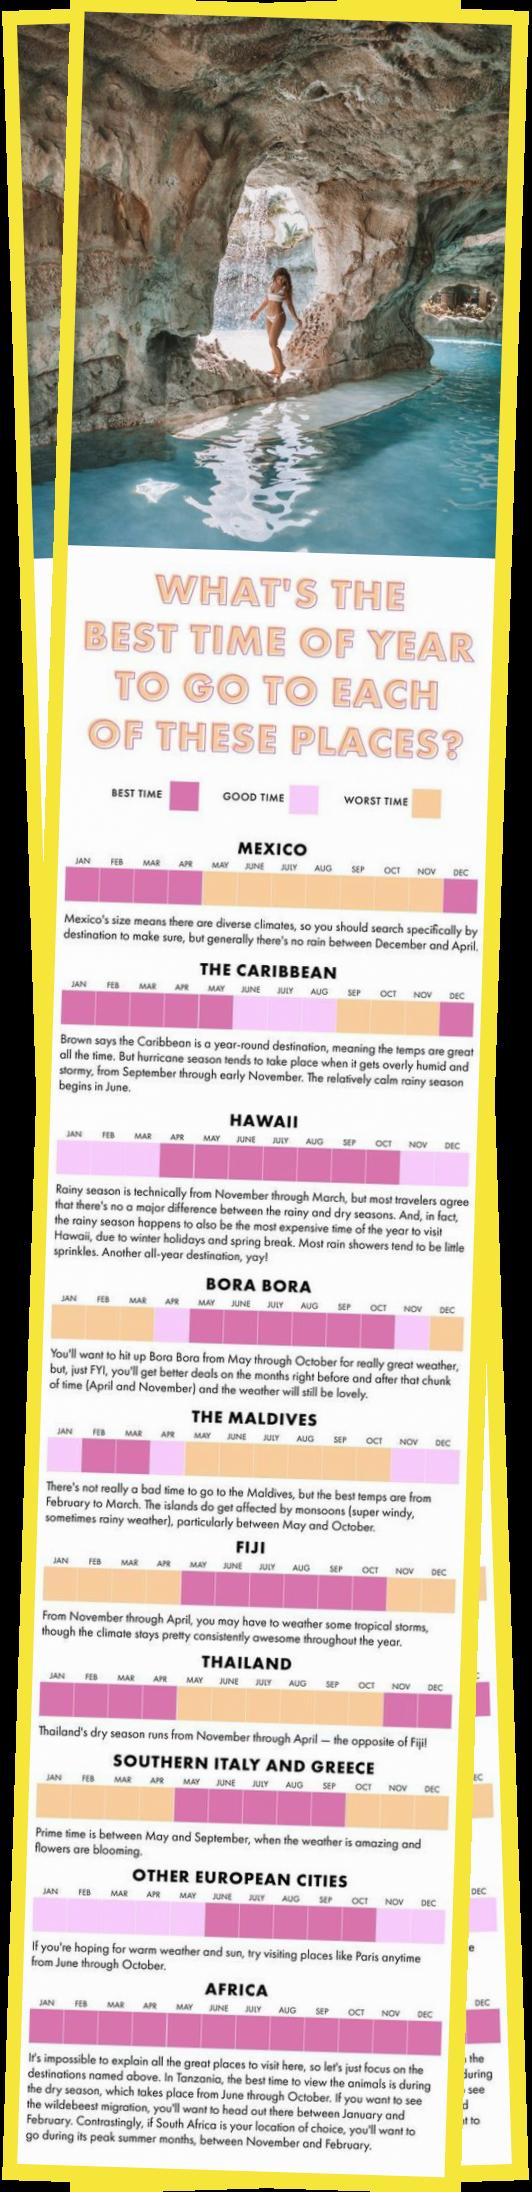 Photo Diary - Girls Trip to Baha Mar, Bahamas   Away Lands  #Photo #Diary #Girls #Trip #Baha #Bahamas #personal #ceramictravelmug #traveladvice #travelmountain #conneticuttravel #contigotravelmug #sweedentravel #travelideas #irelandtravelideas #sweedenideas